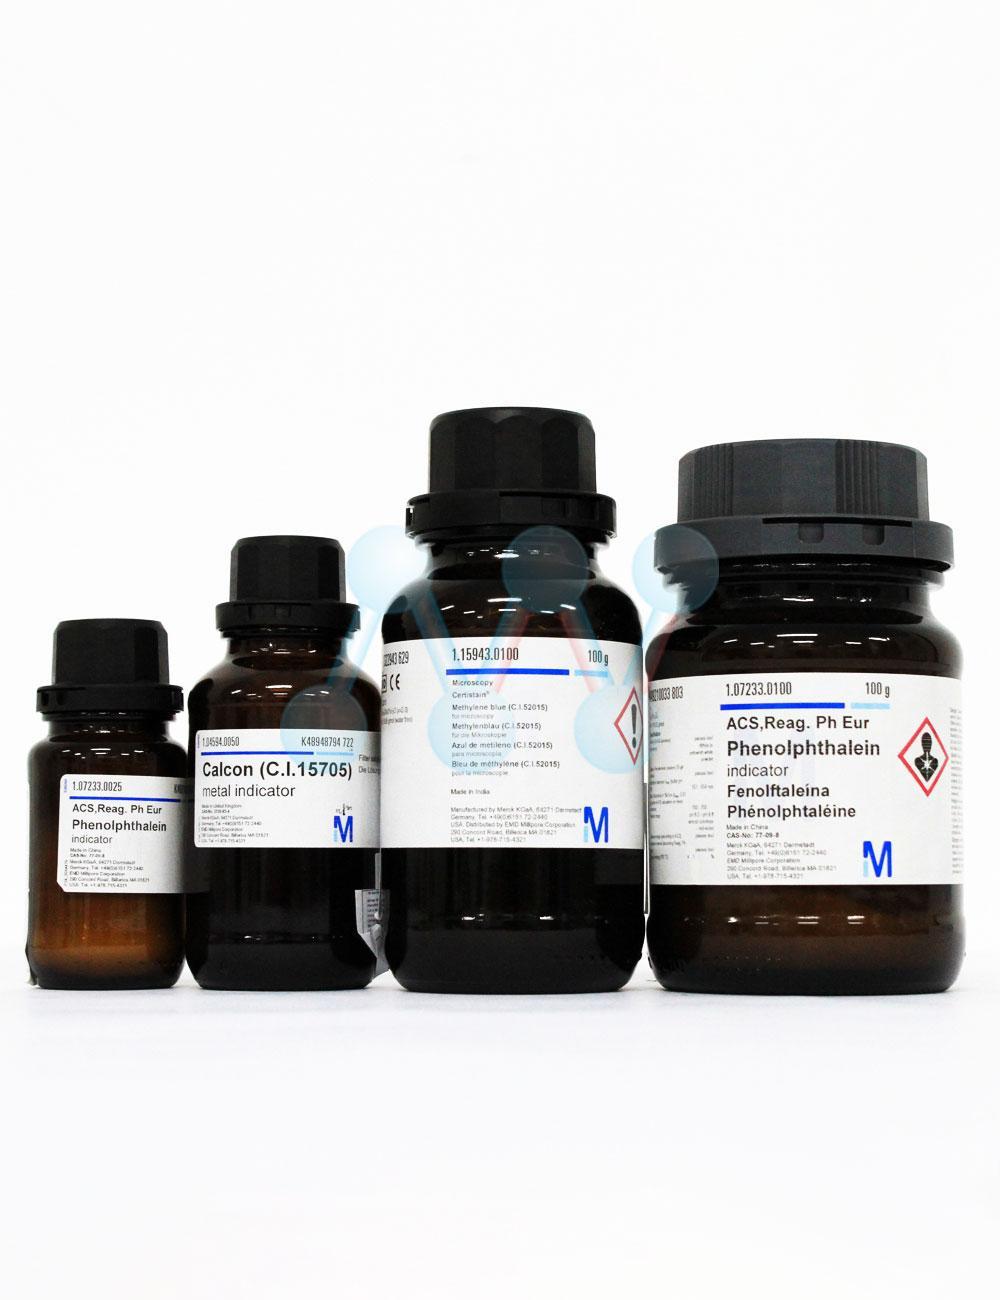 Bromocresol green IND